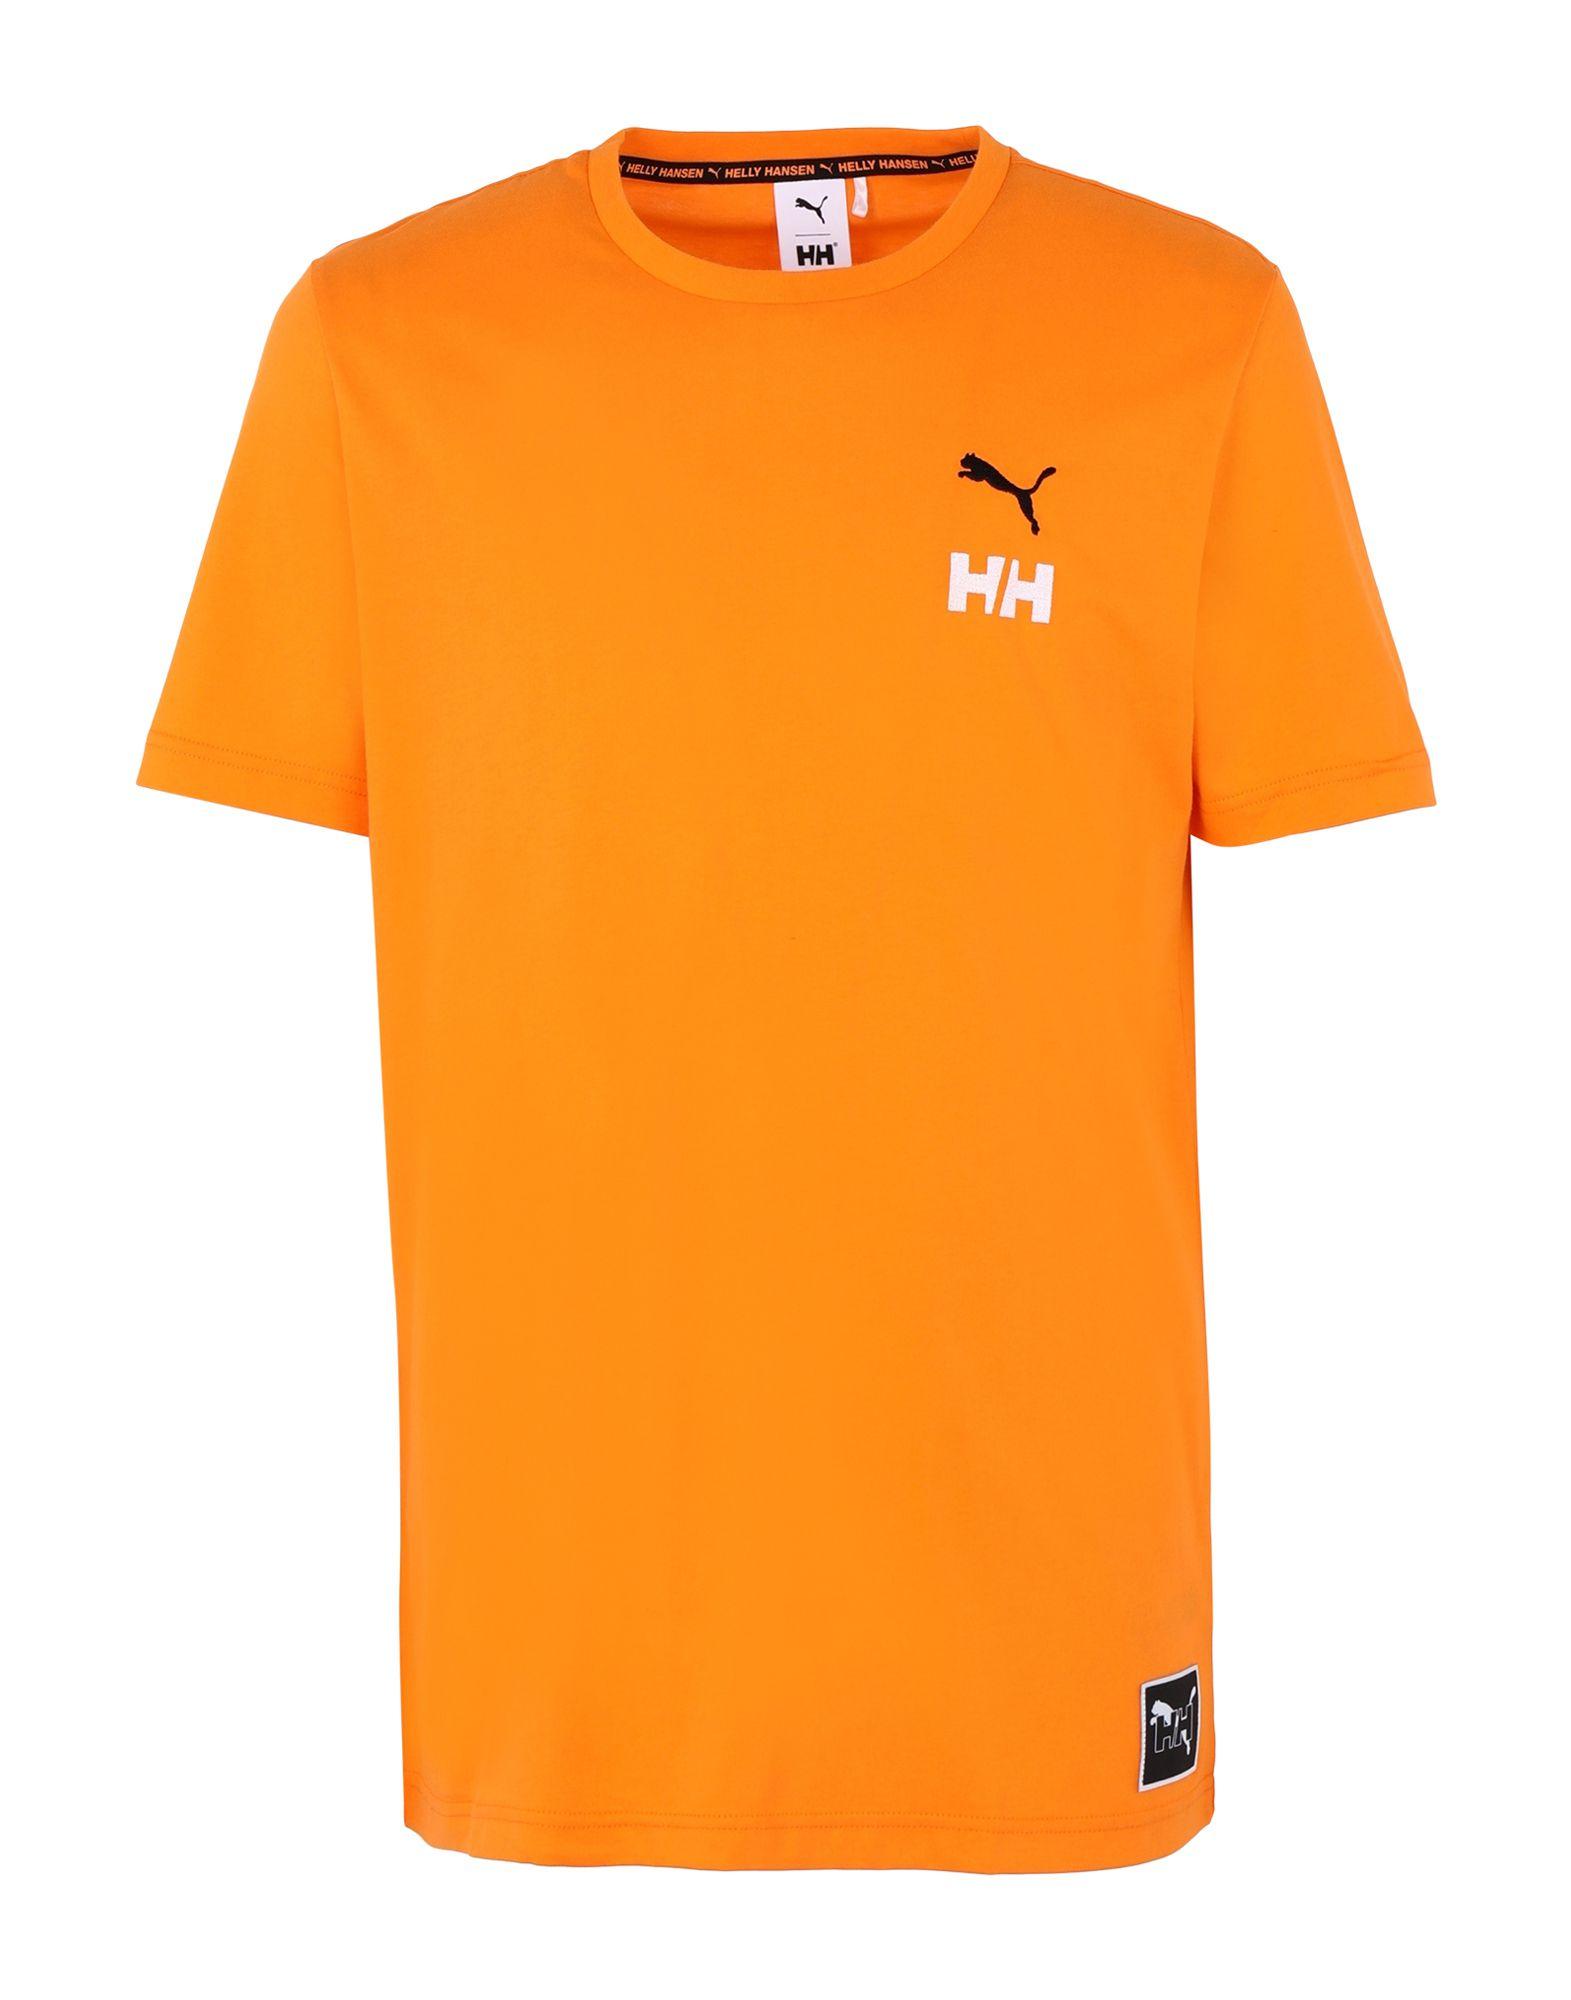 Фото - PUMA x HELLY HANSEN Футболка puma x porsche design футболка